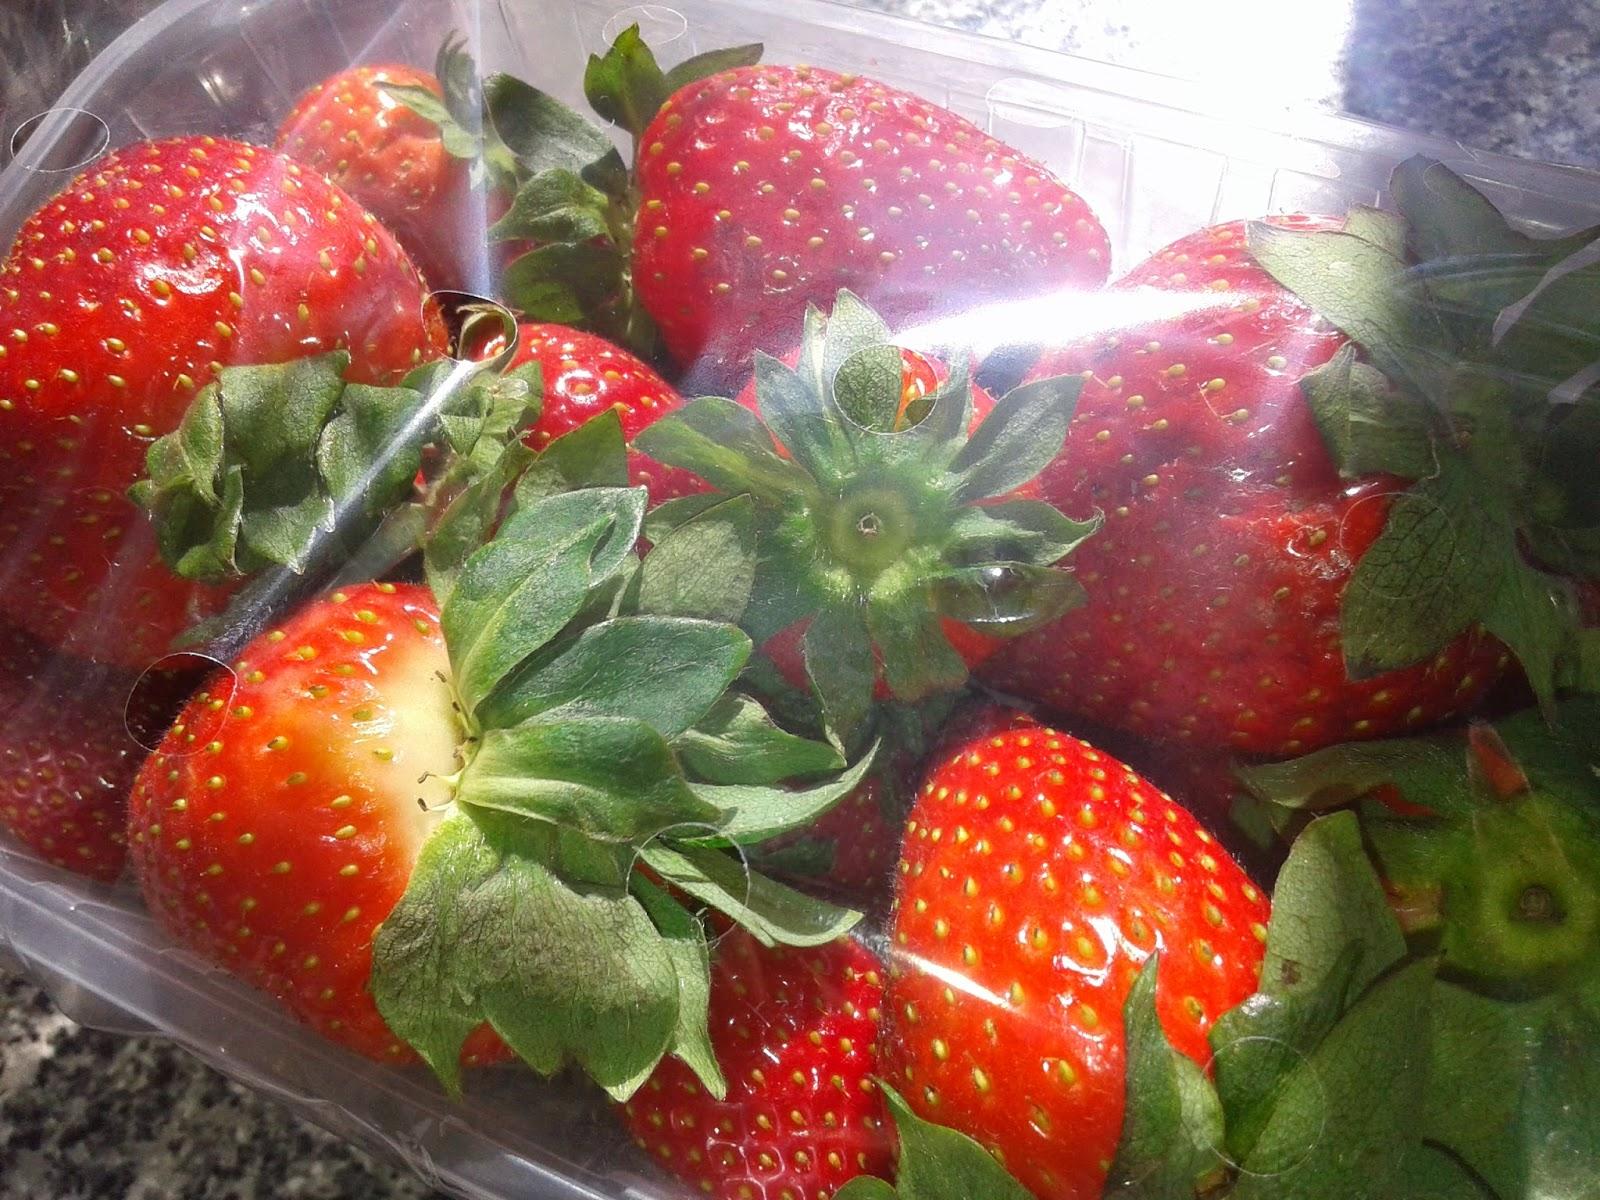 strawberries, fruits, owoce, truskawki, muss truskawkowy, koktajl z truskawek,